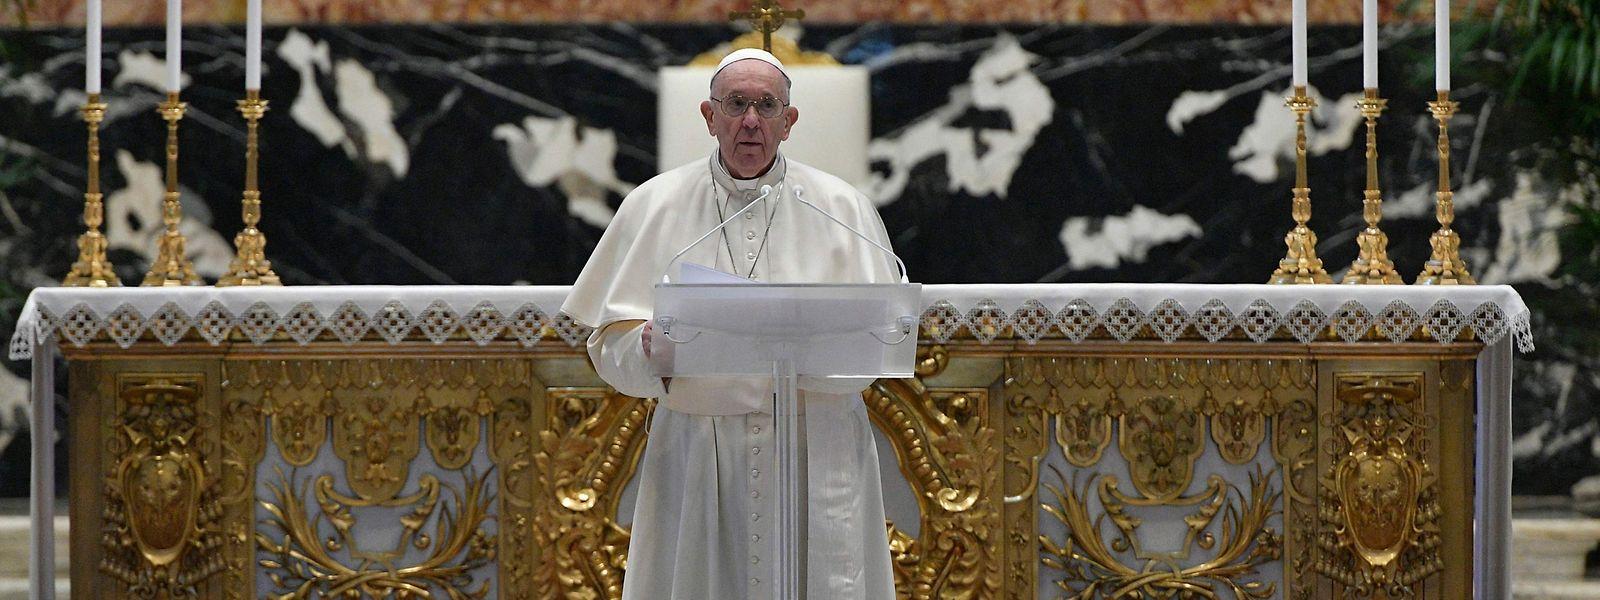 Für den menschenliebenden Papst ist das Osterfest unter Corona-Bedingungen ernüchternd.